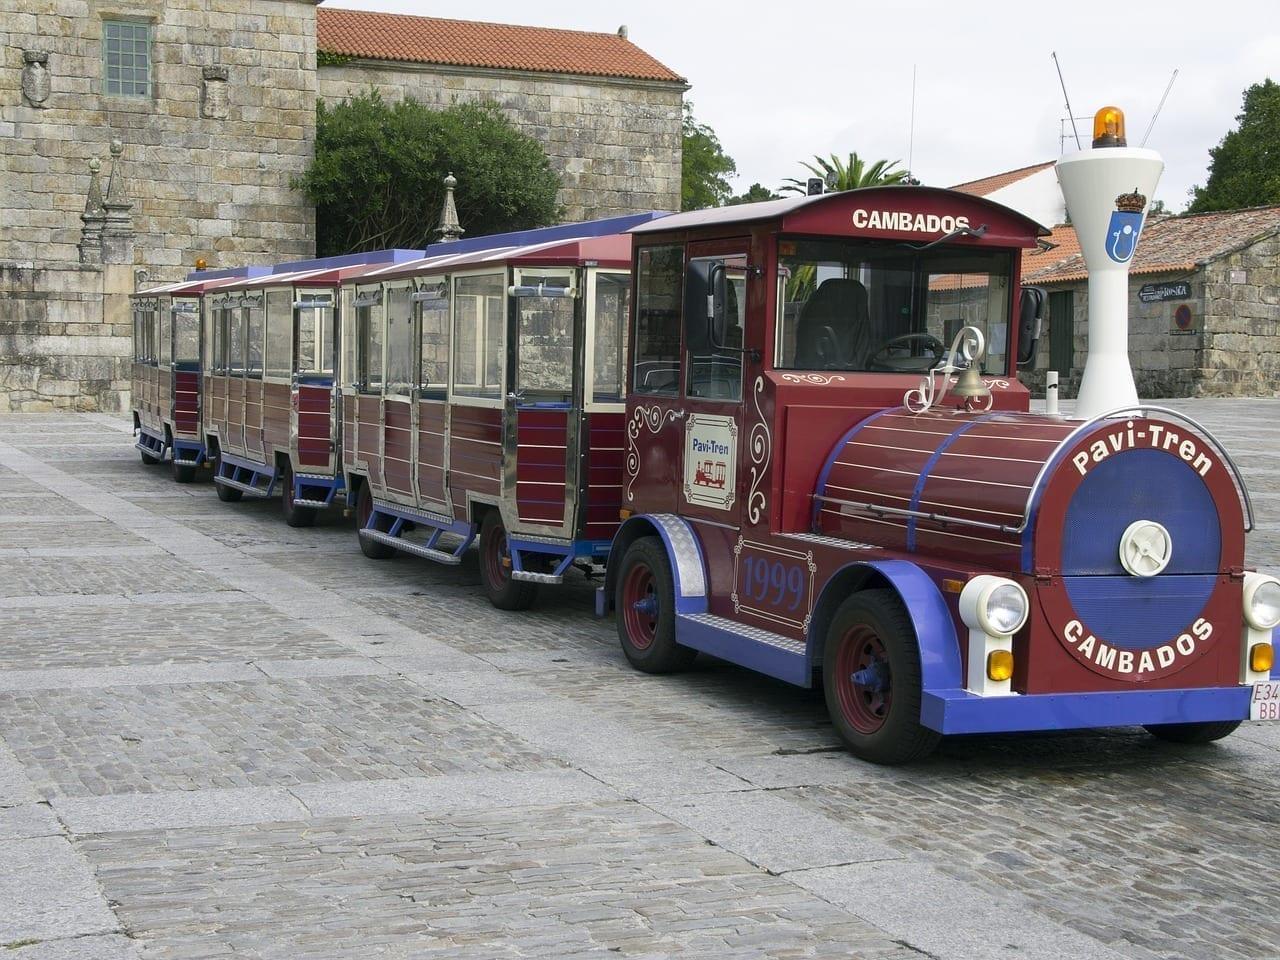 Tren Turístico Paseo Cambados España